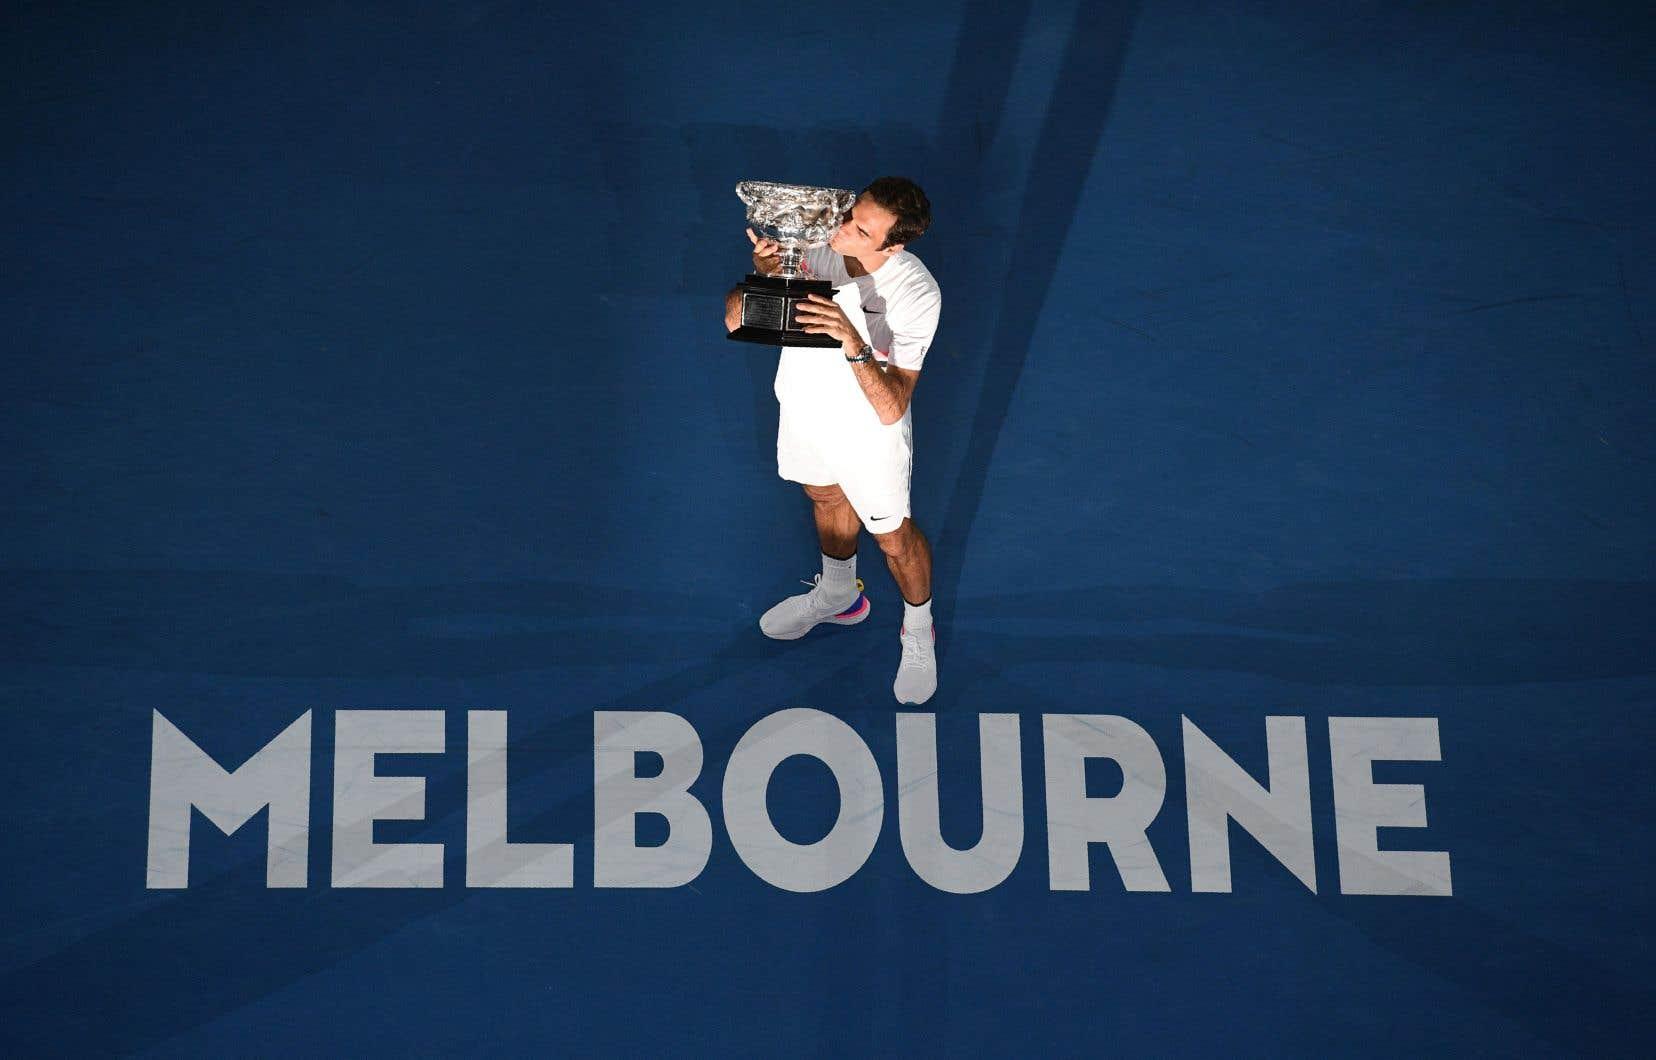 Roger Federer, très ému, a pu soulever et embrasser le trophée des Internationaux d'Australie pour une sixième fois en carrière.